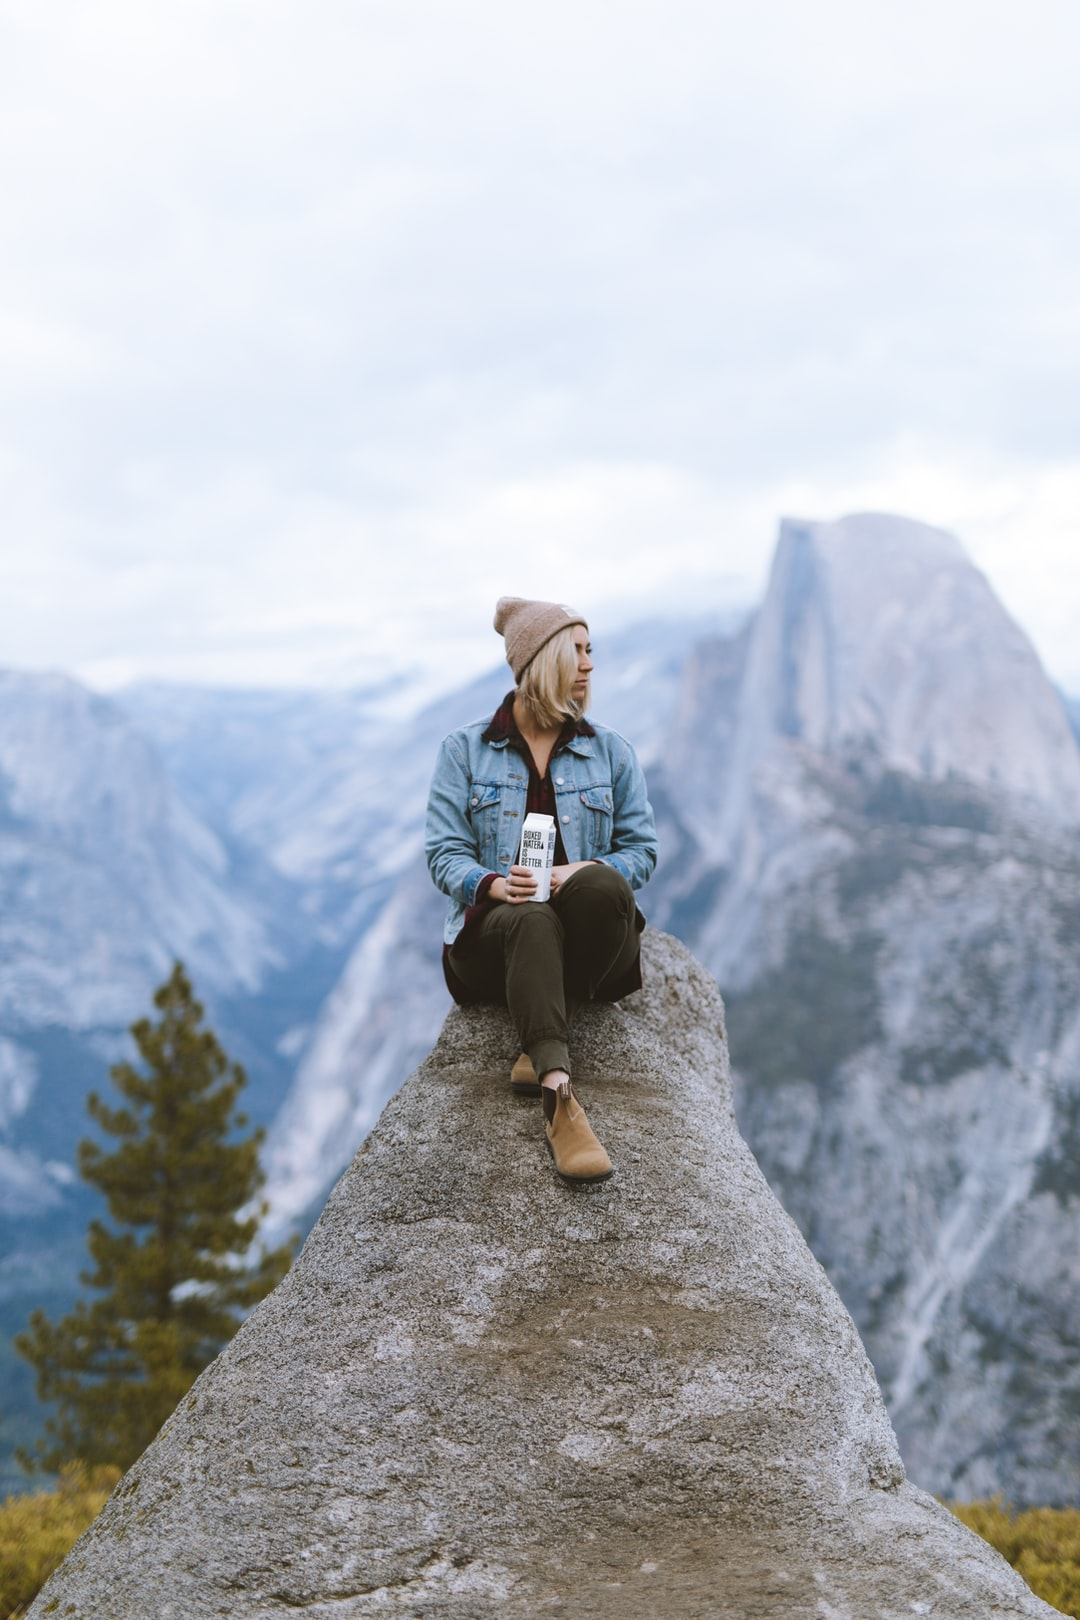 hiking mountain unsplash aesthetic climbing wallpapers hike plan helppoa viisi outdoors nomadismo digitale workout camping jotka milloin vain toteuttaa voit